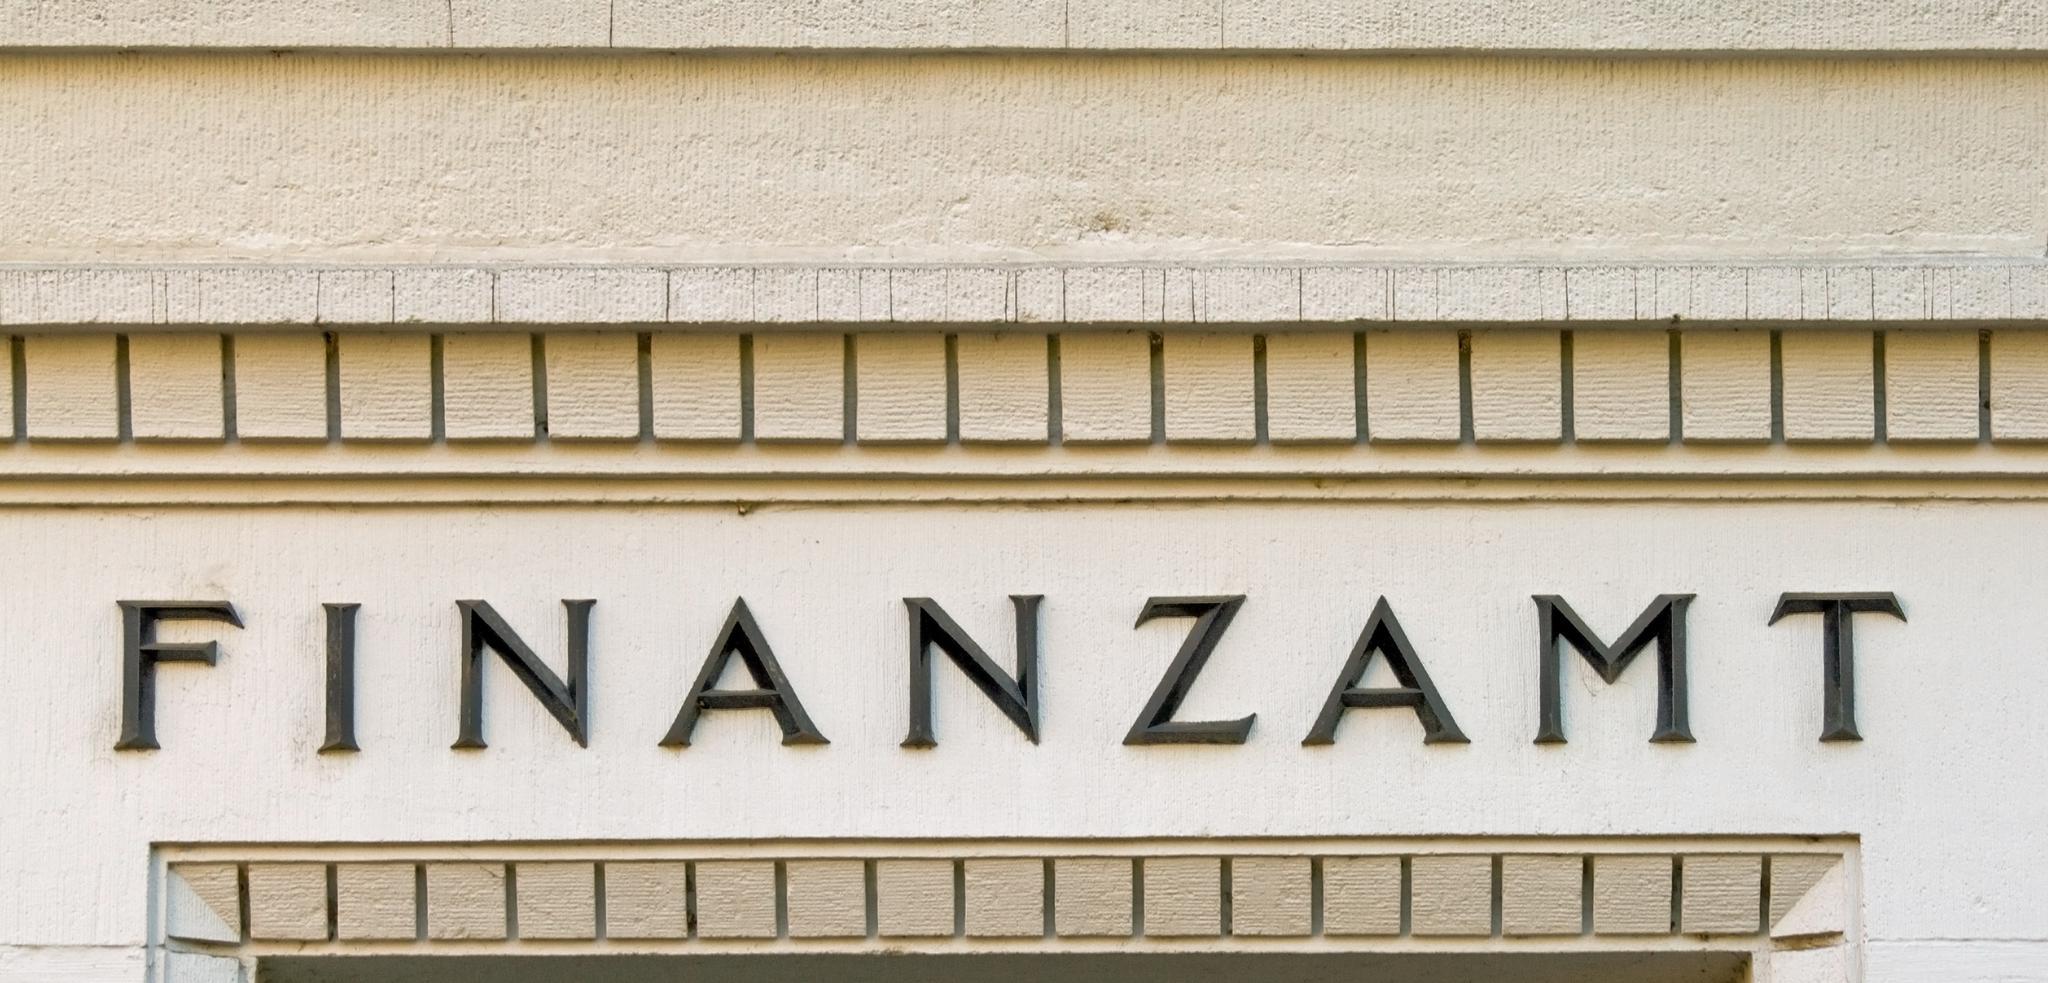 Schriftzug Finanzamt auf heller Gebäudewand